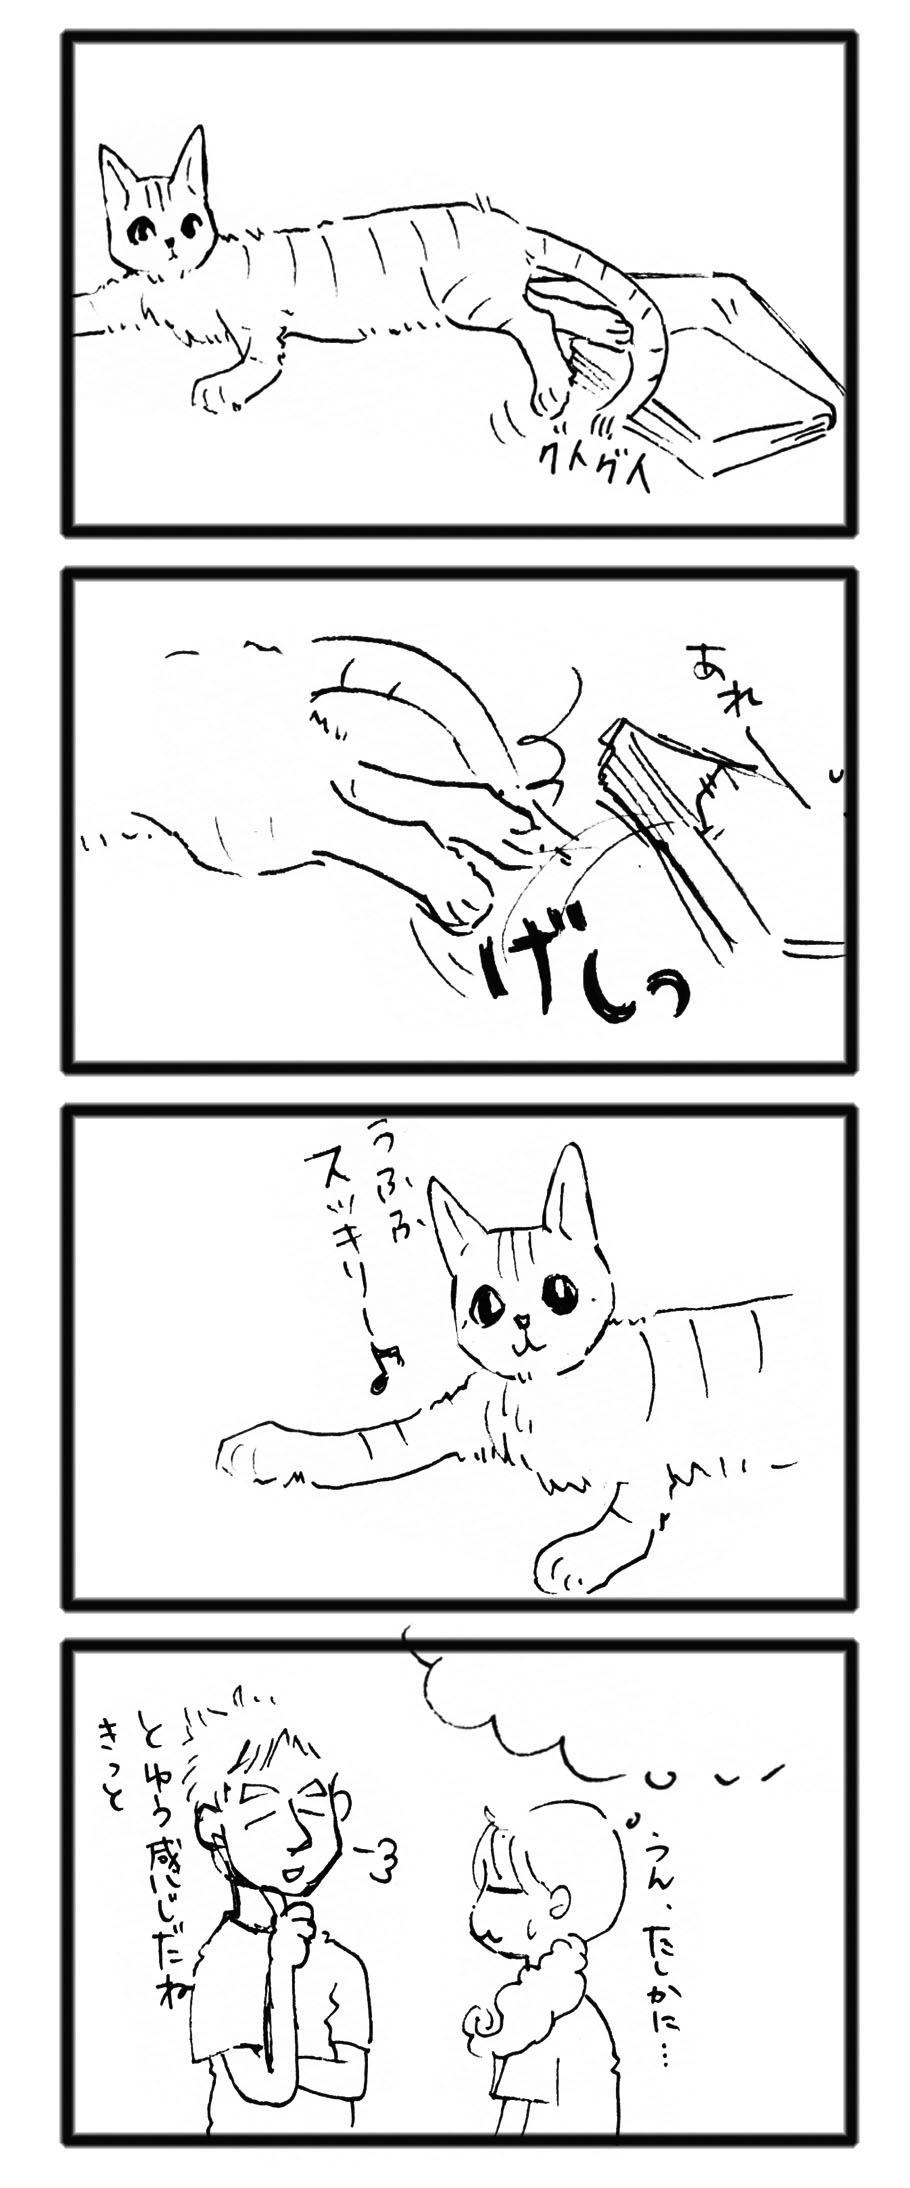 comic_20130528_07.jpg